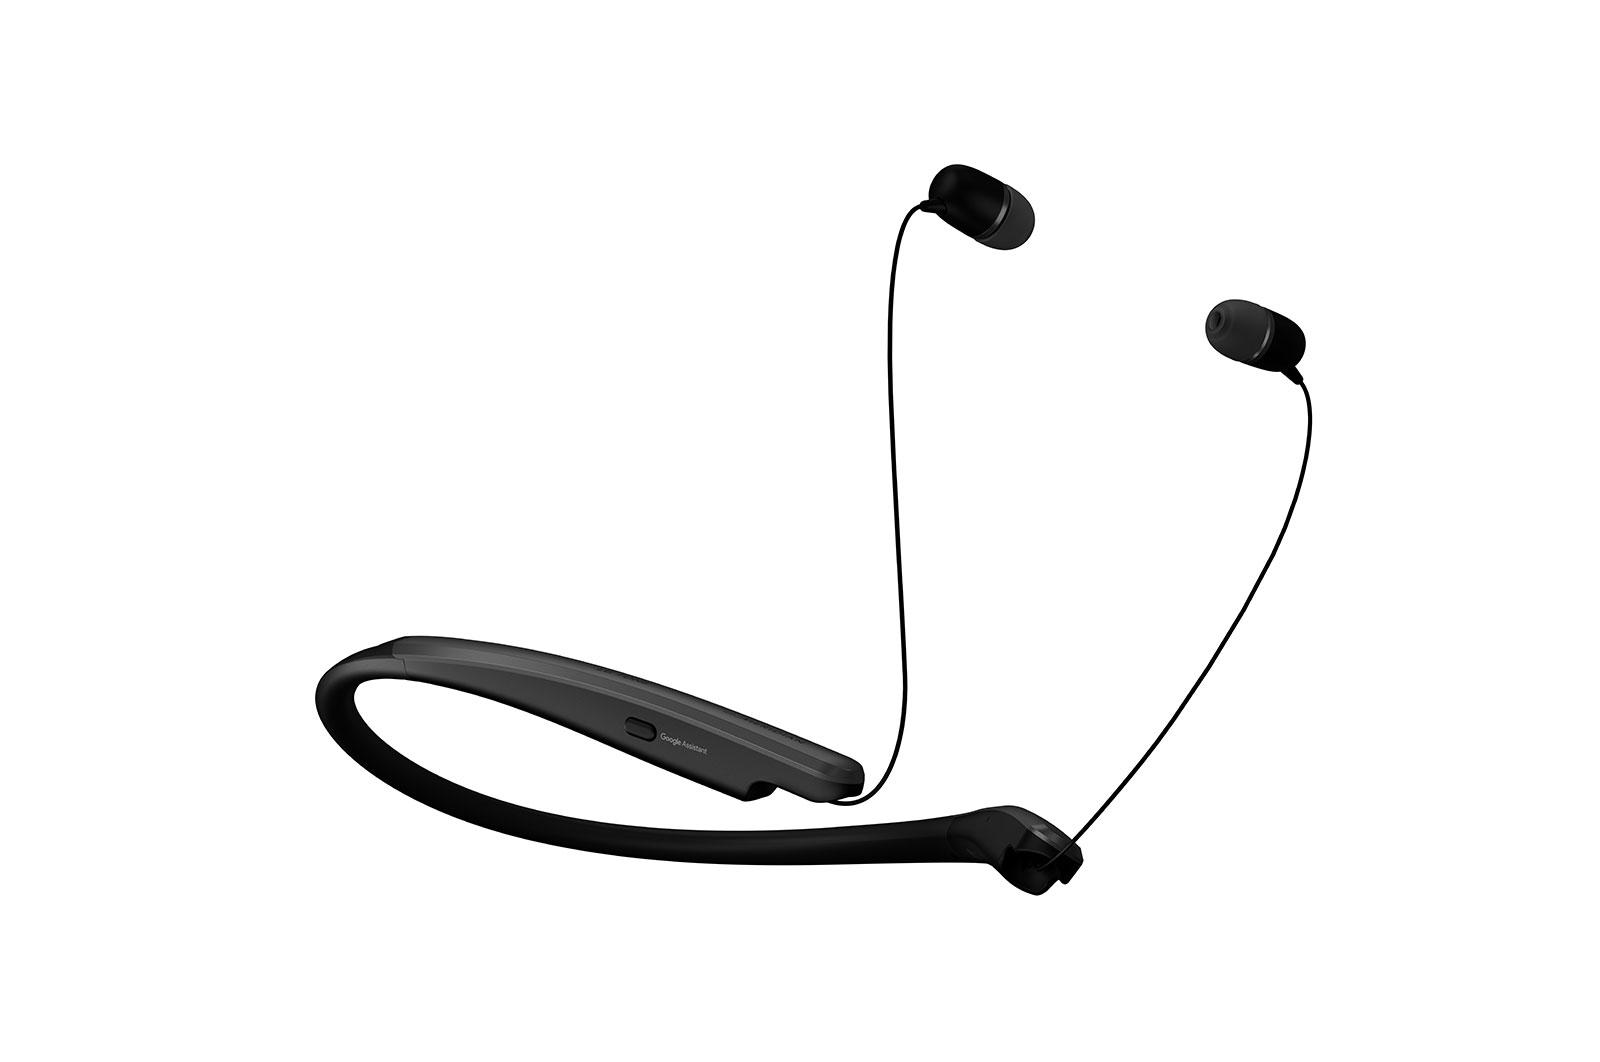 Tai nghe bluetooth LG TONE Flex HBS-XL7 - Hàng chính hãng